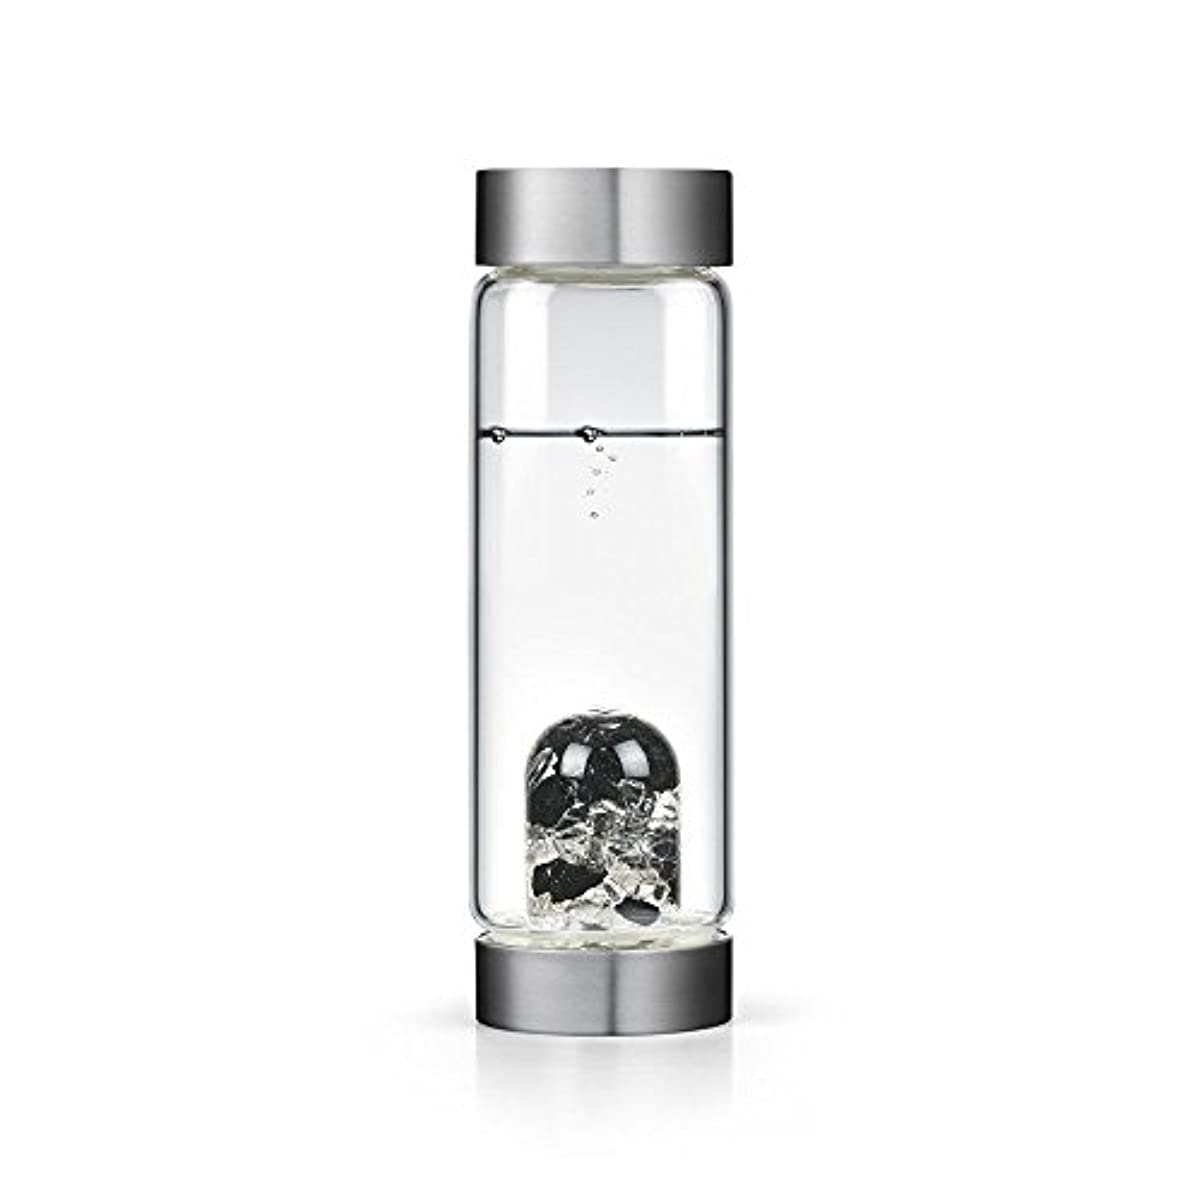 感性墓地疑わしいビジョンクリスタルエディションgem-waterボトルby VitaJuwel W / Freeカリフォルニアホワイトセージバンドル 16.9 fl oz